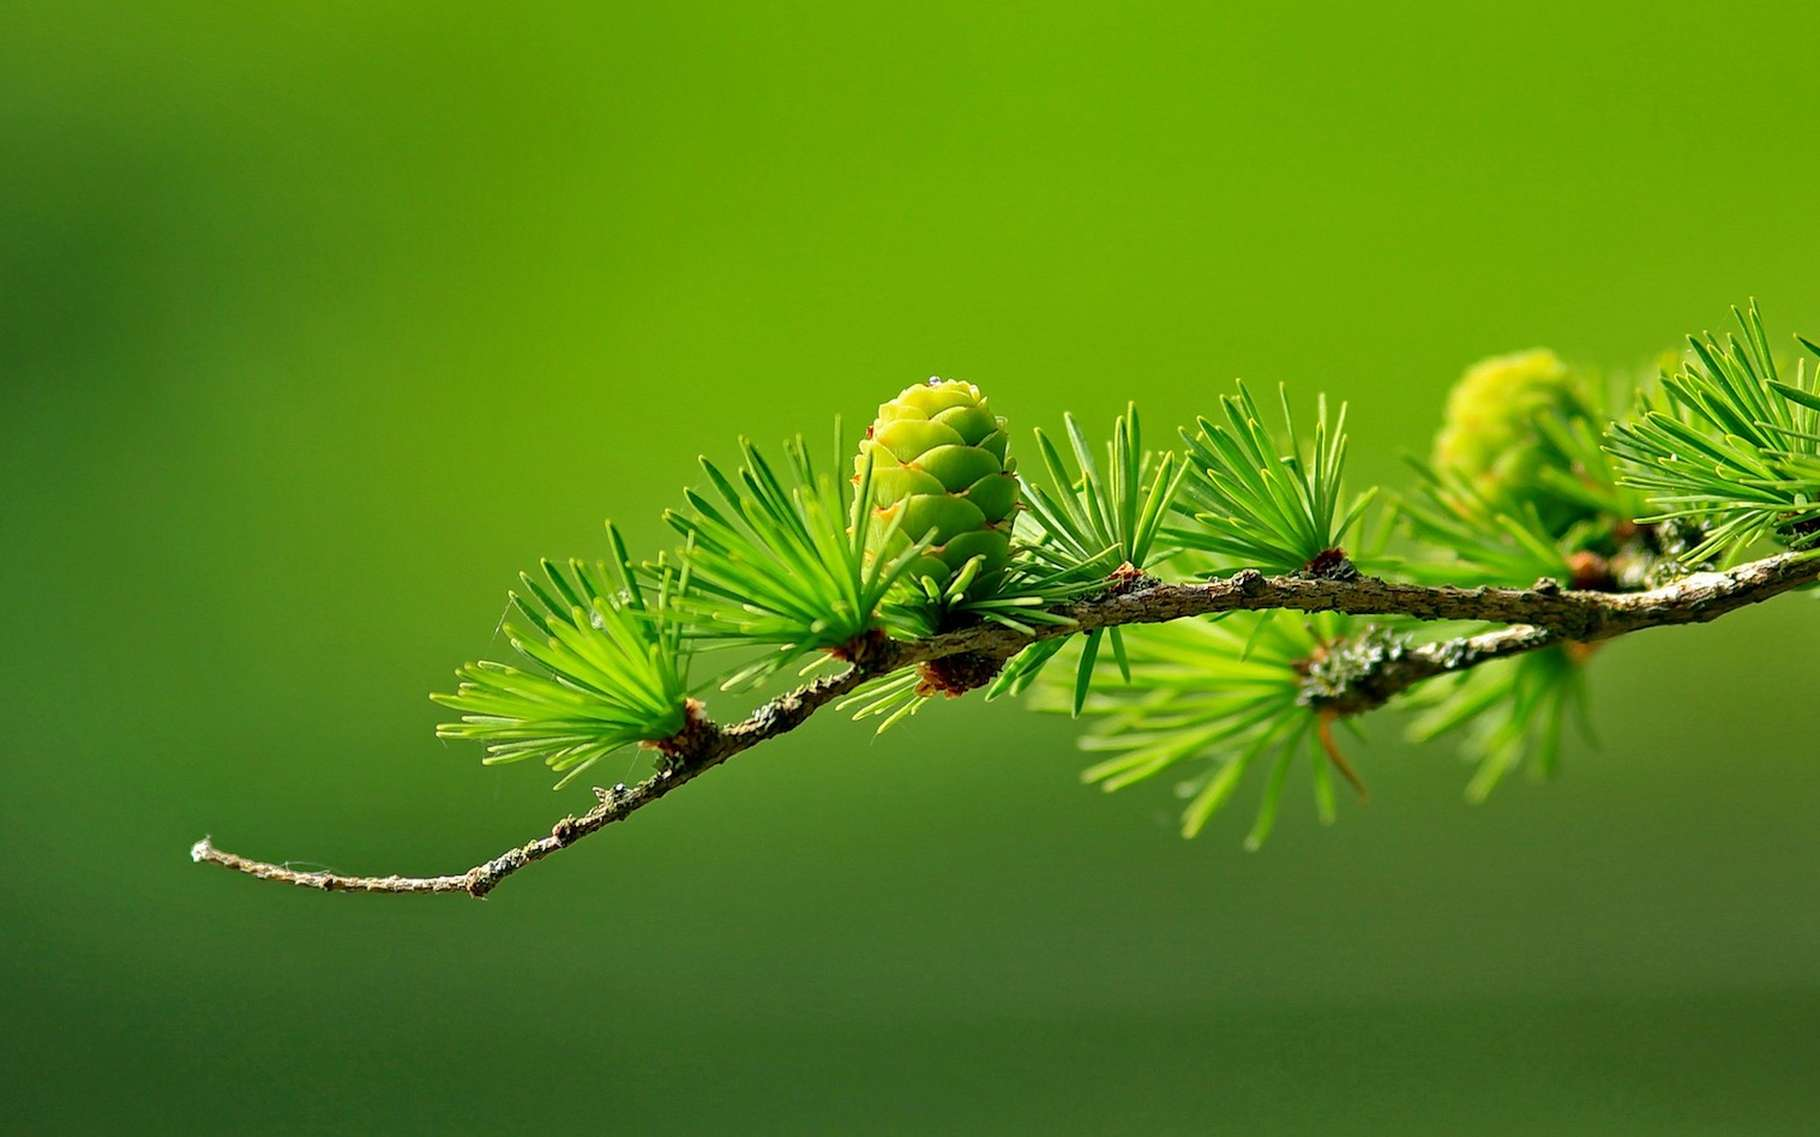 Les conifères sont les principaux représentants des gymnospermes. © JensEnemark, Pixabay, CC0 Public Domain